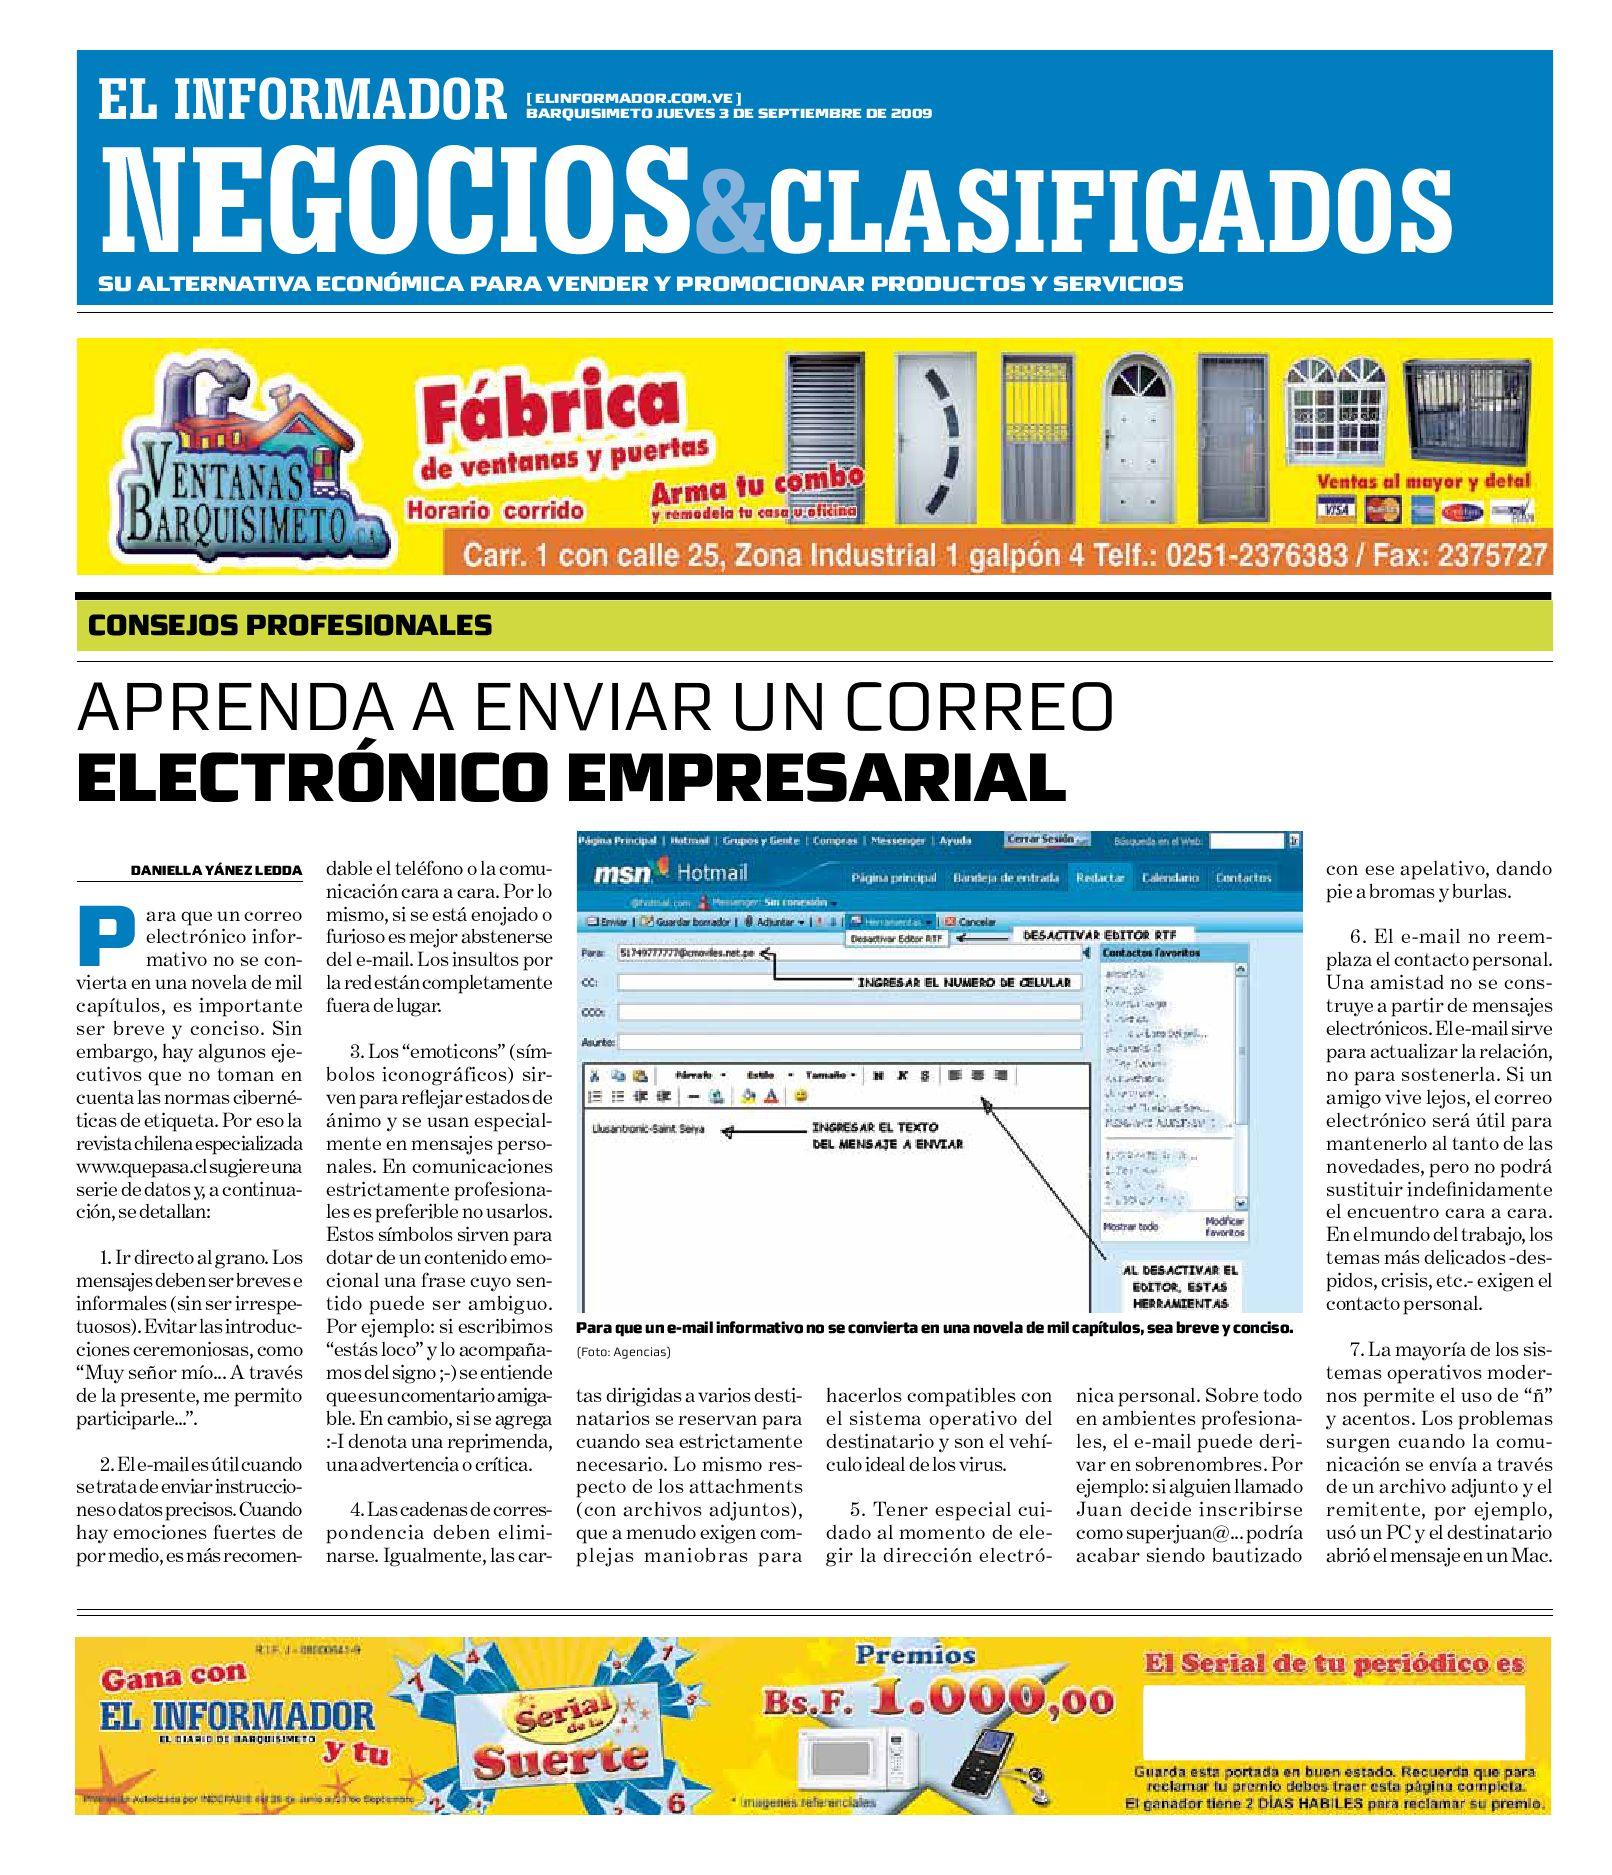 negocios y clasificados 2009.09.02 by El Informador - Diario online ...